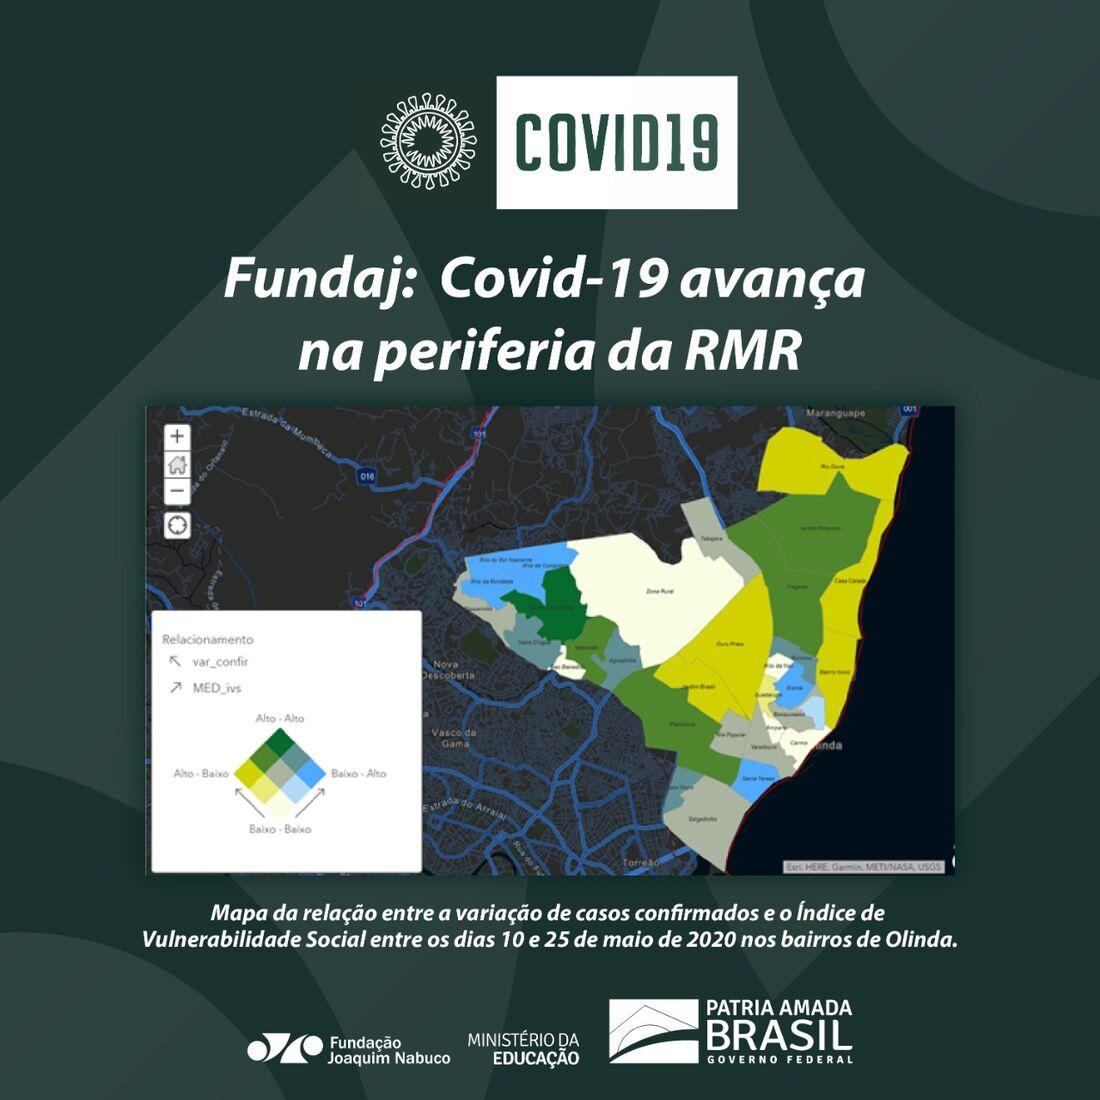 Mapeamento da Fundaj aponta aumento de casos da Covid-19 nas periferias da RMR